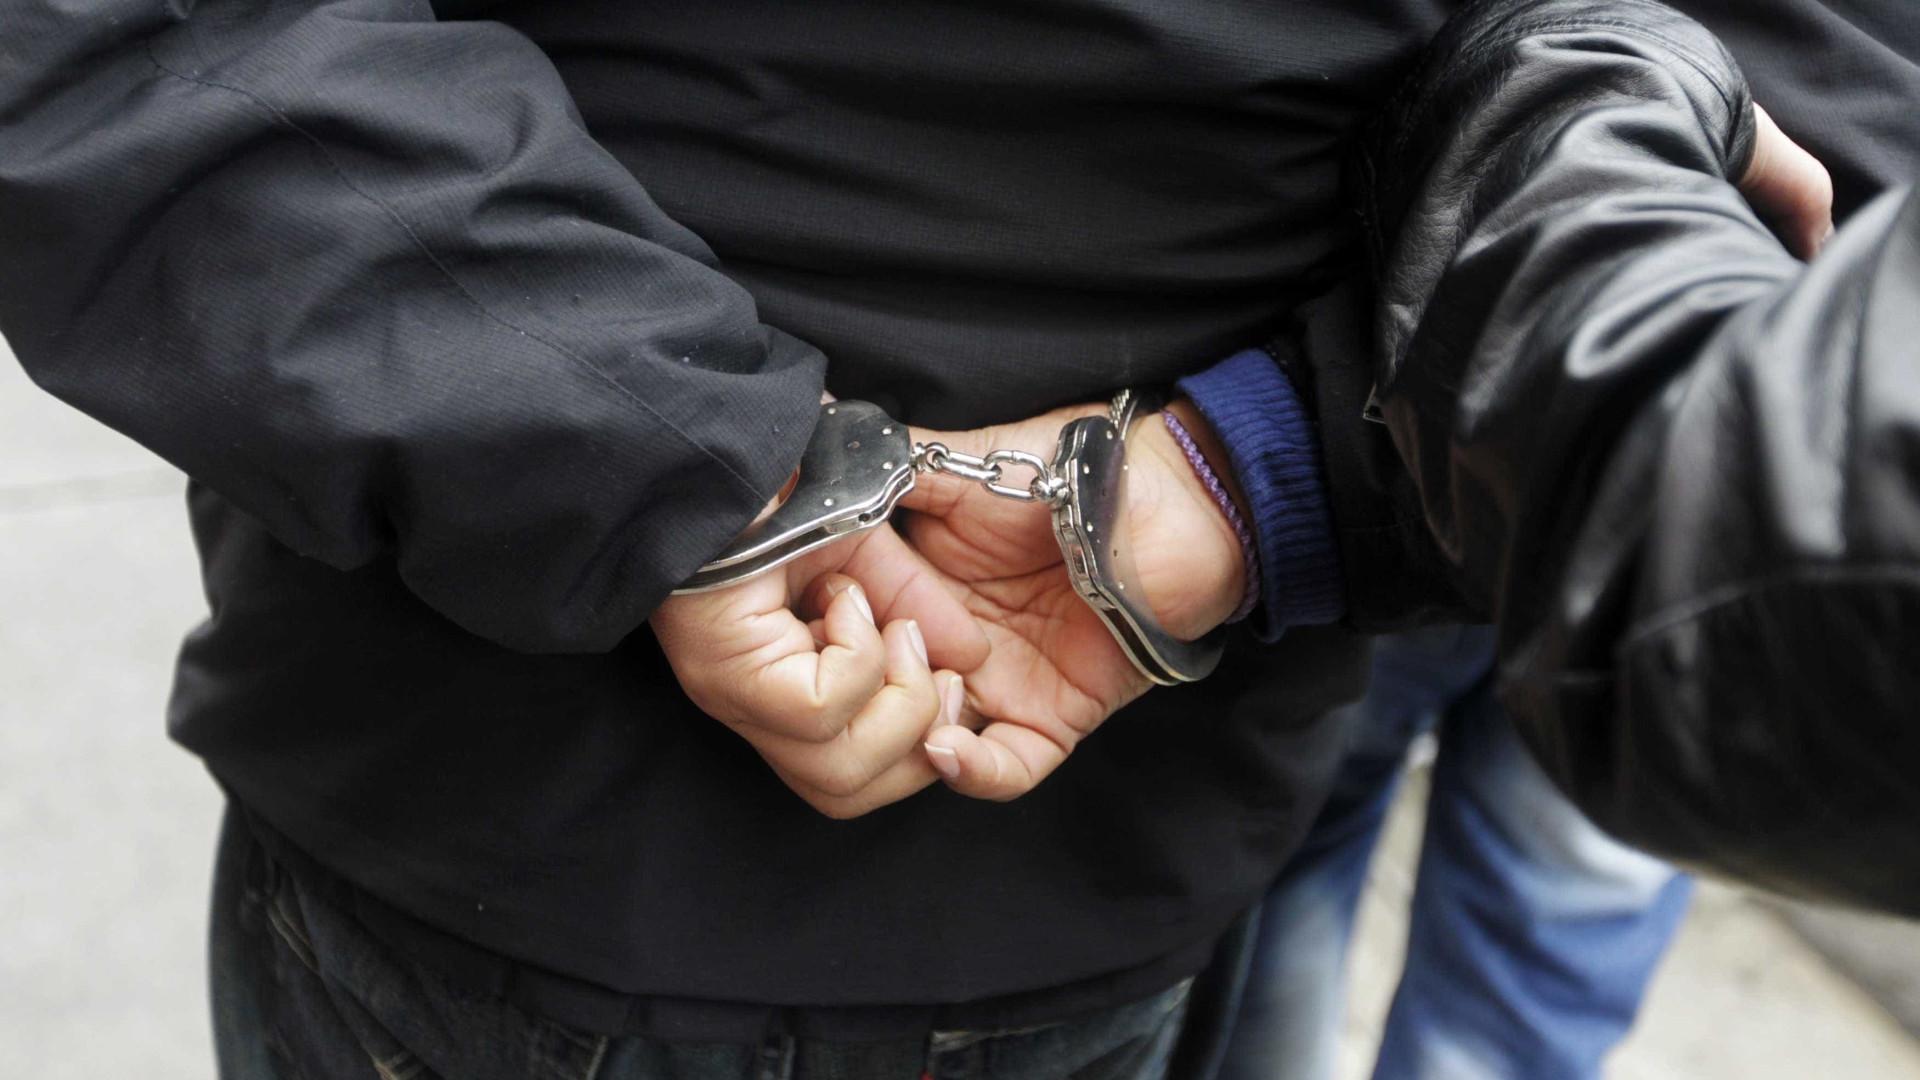 Suspeito de homicídio, filho de vice-prefeita se apresenta e fica preso